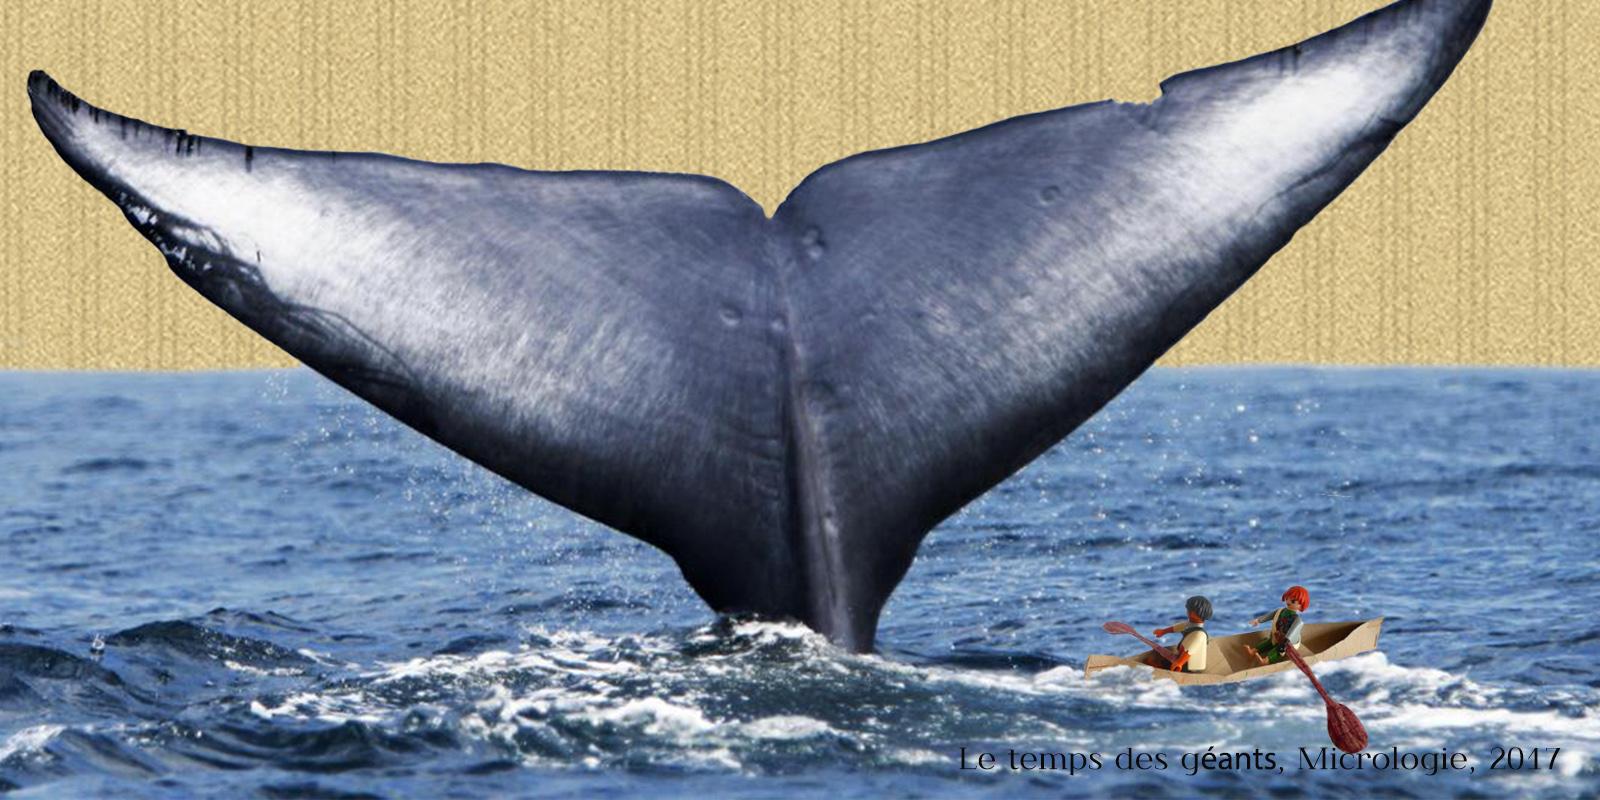 Baleines : le temps des géants, micrologie